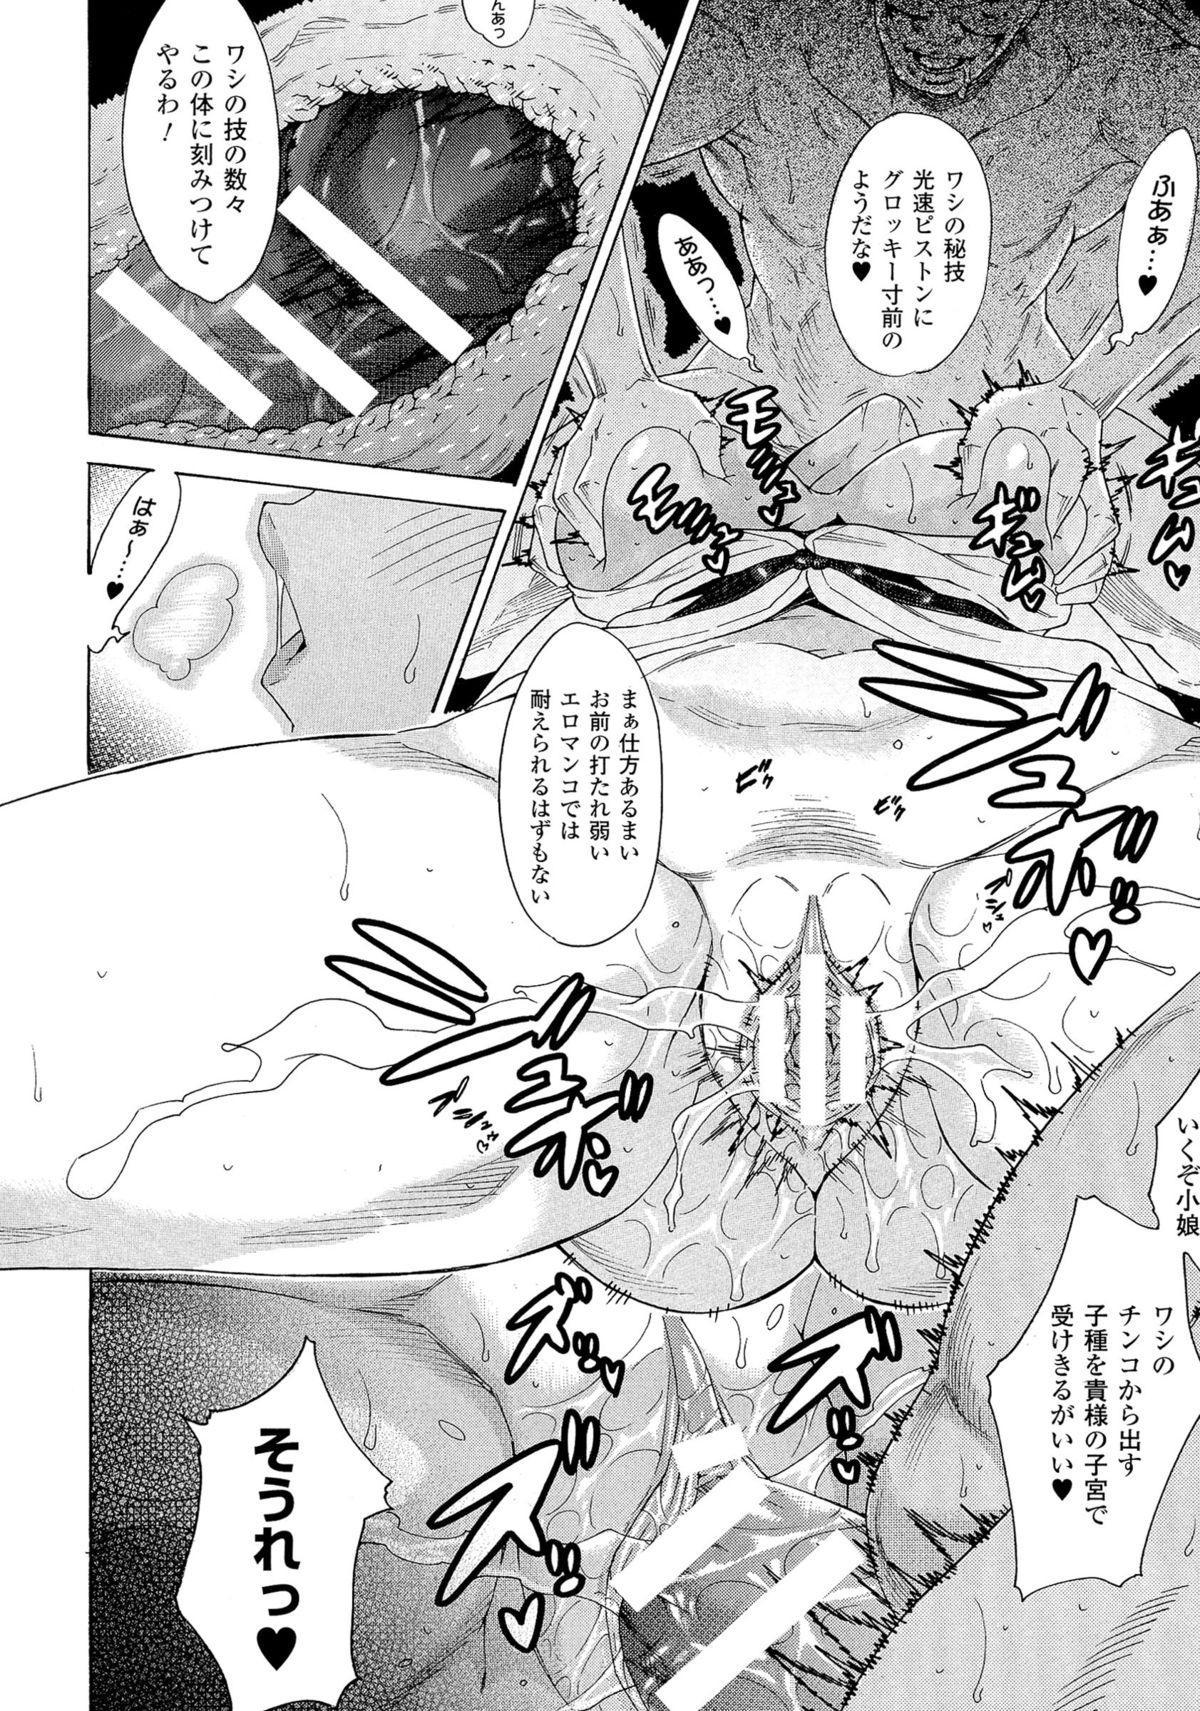 Kachiki na Onna ga Buzama na Ahegao o Sarasu made 153